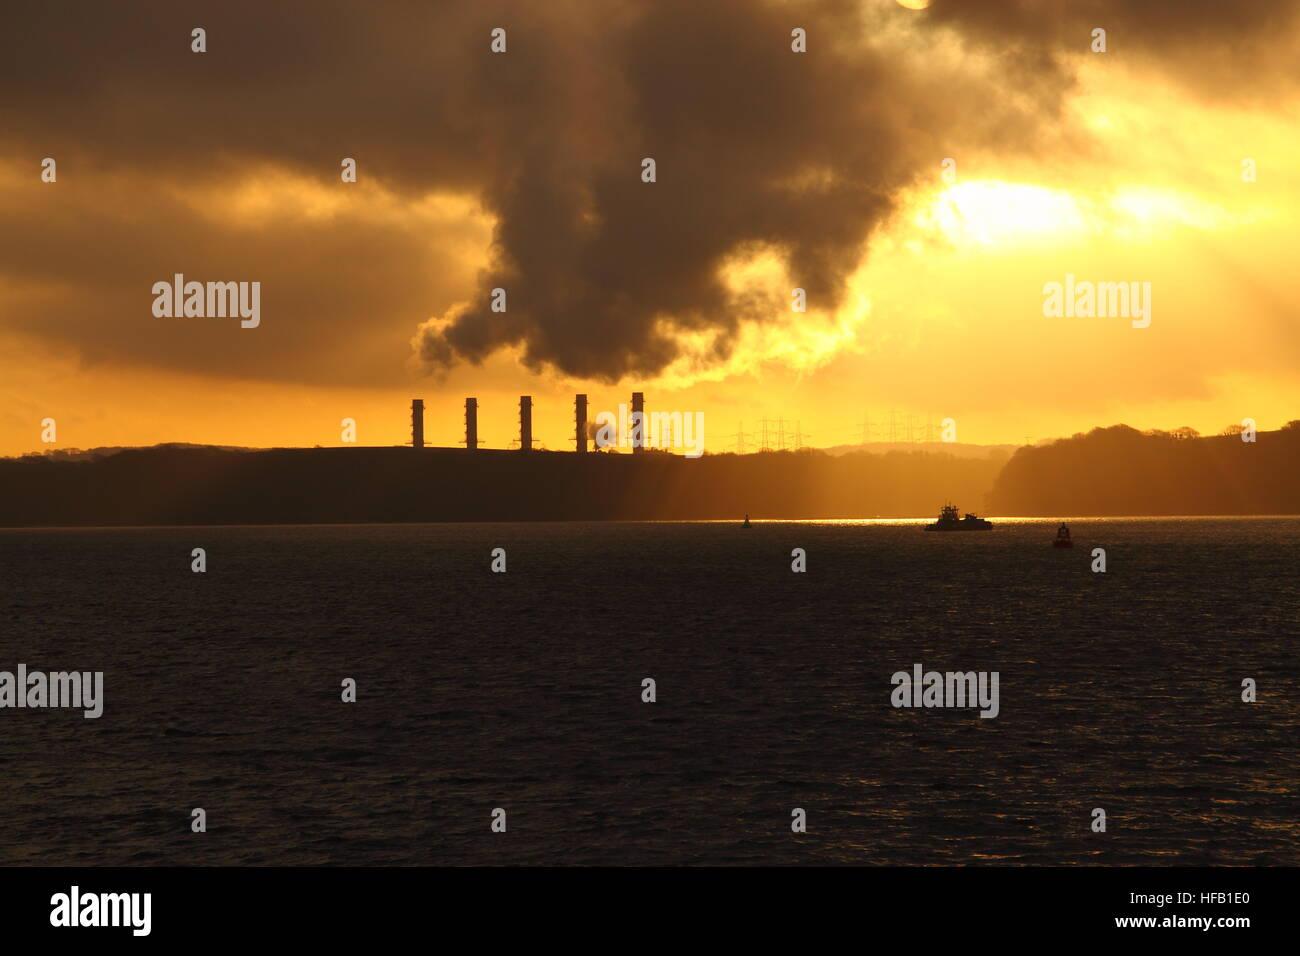 La stazione di potenza sulla costa di sunrise. Il riscaldamento globale concetto Immagini Stock